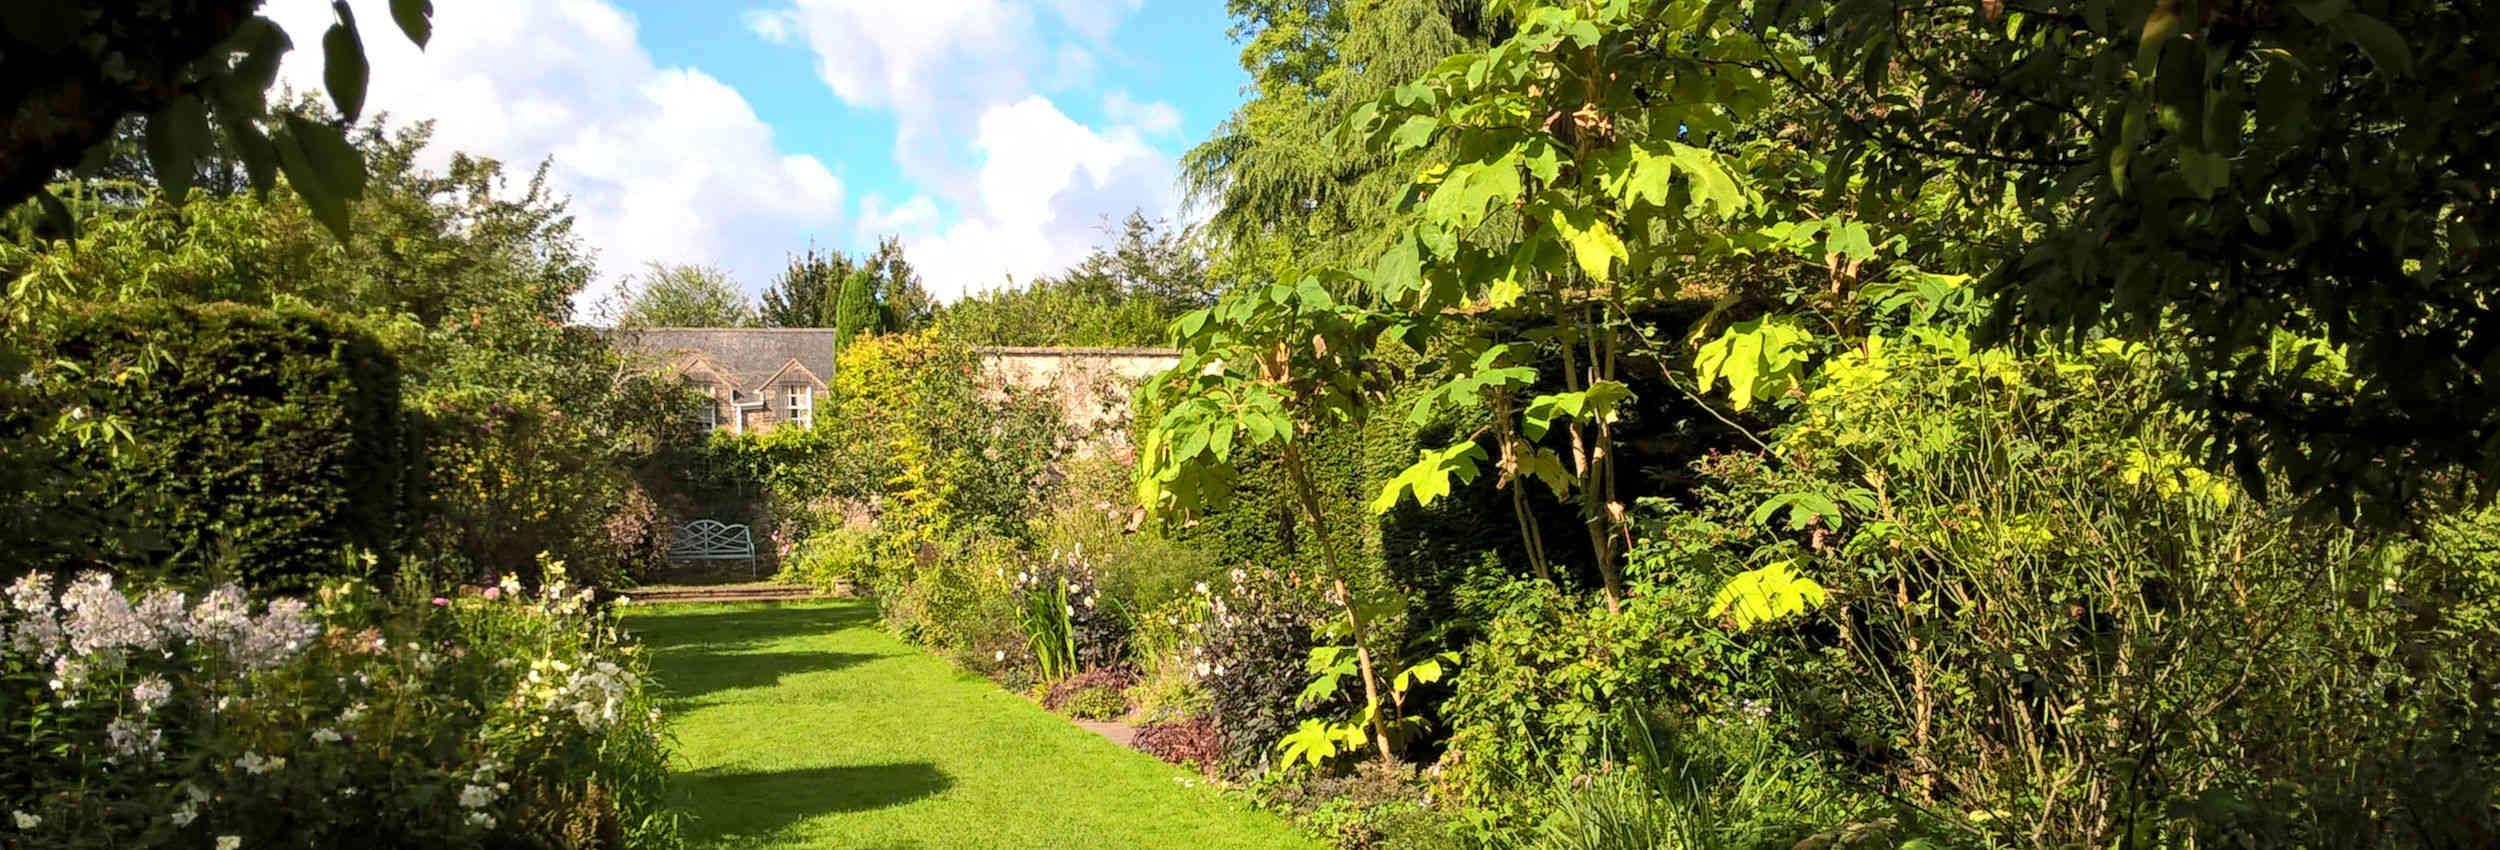 walled-garden-banner-05